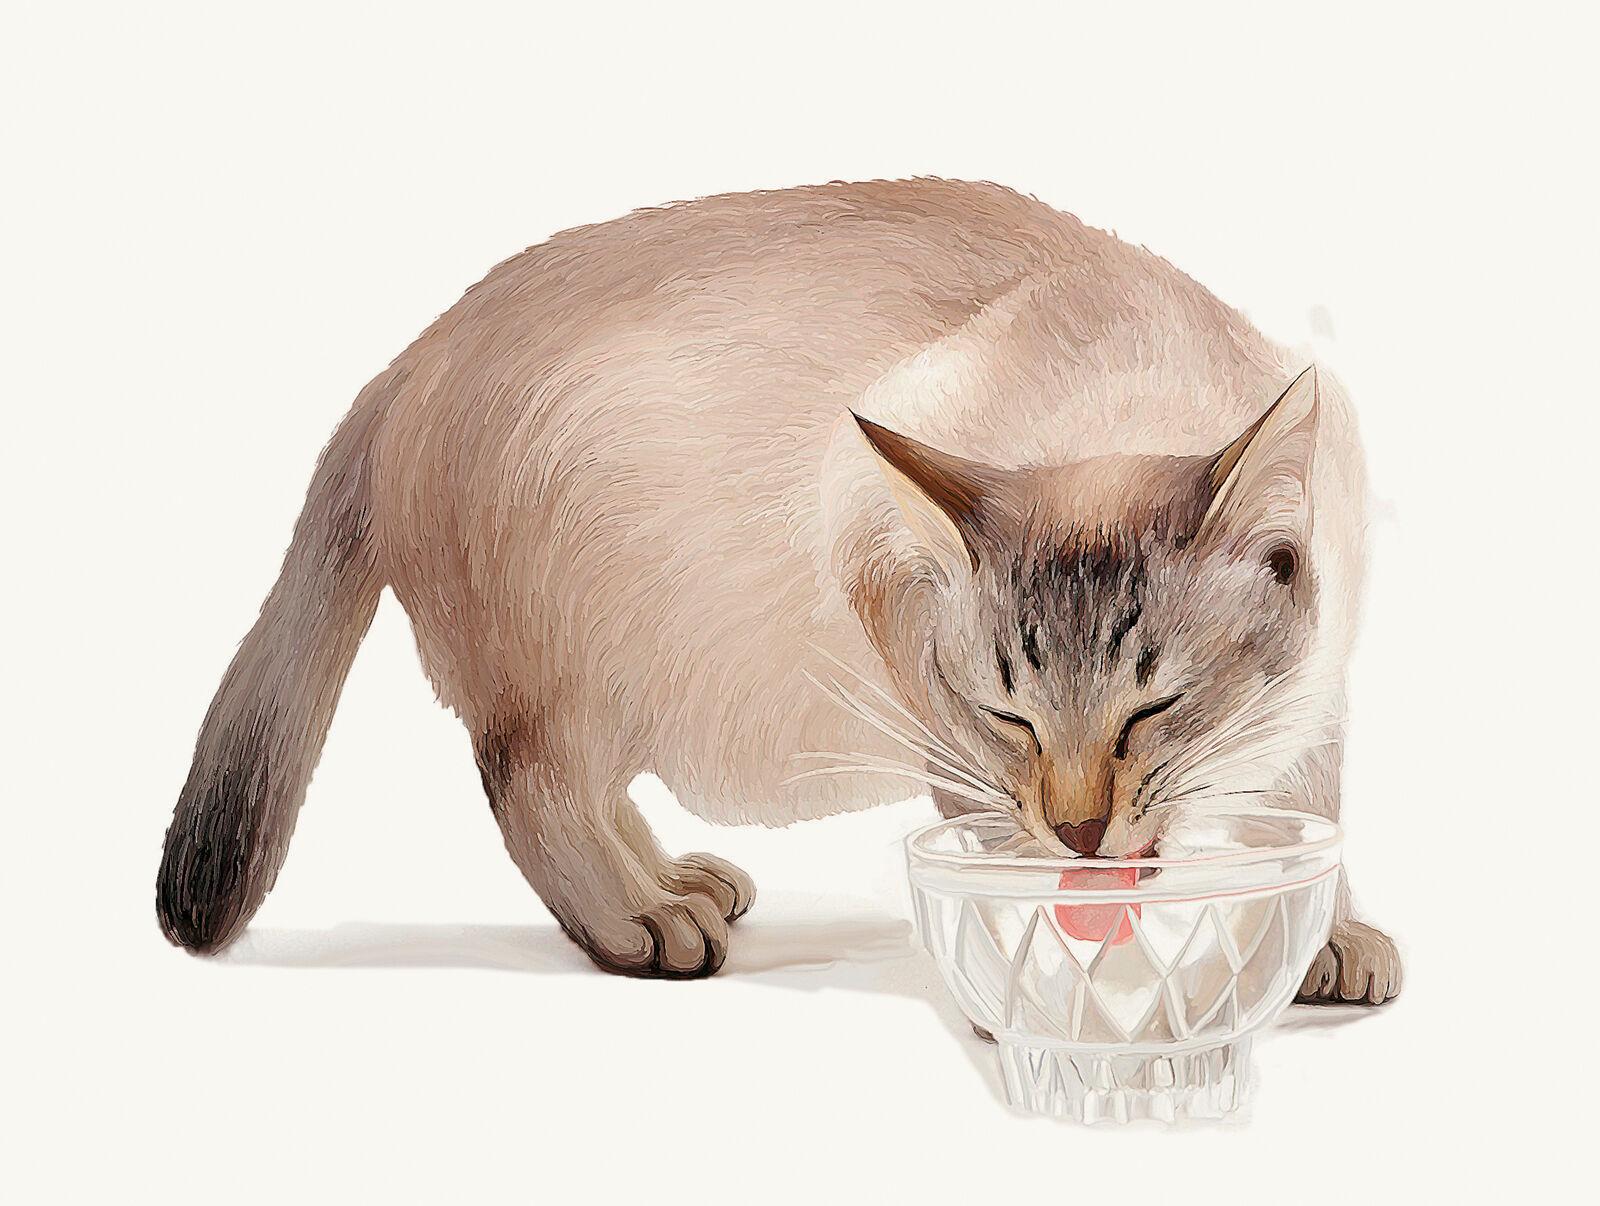 Figure 5a. Dans l'environnement sécurisé du foyer, les vibrisses du chat peuvent toucher sans problème le bord des gamelles d'eau ou de nourriture.